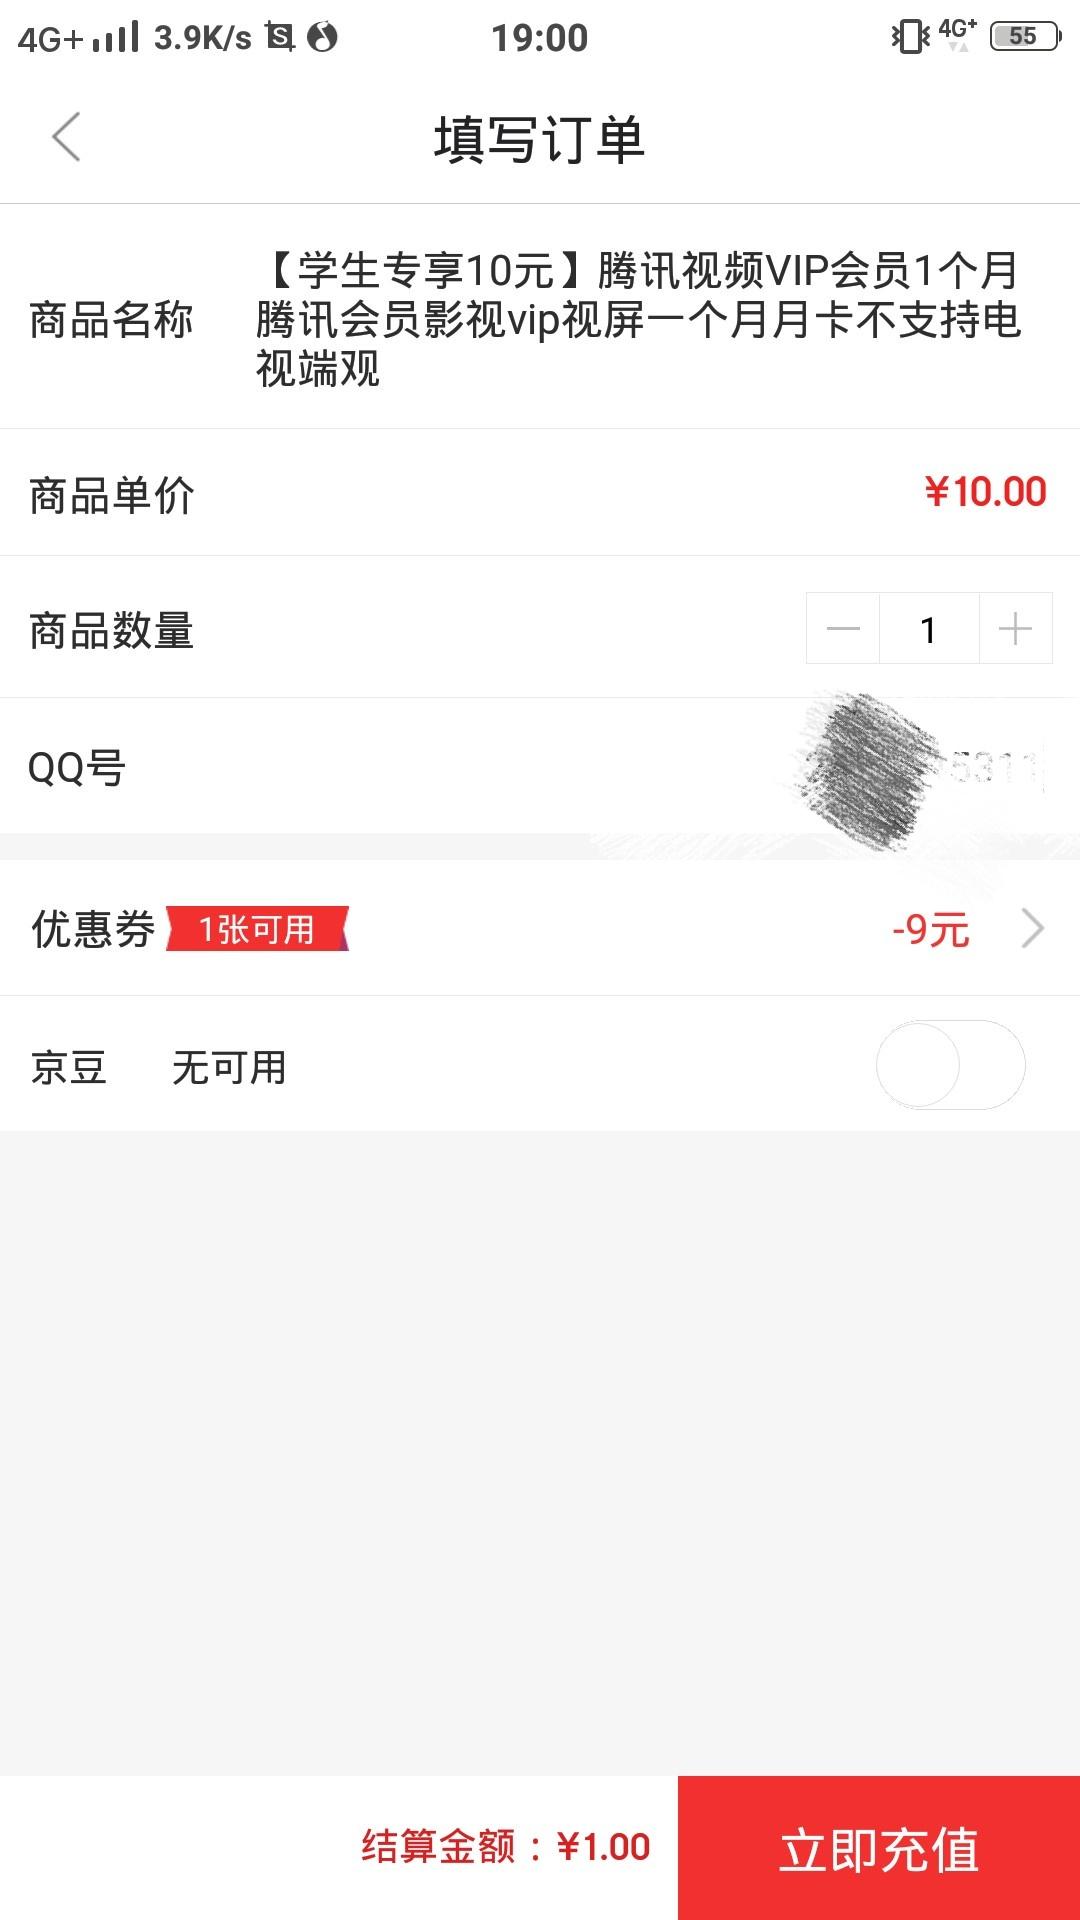 腾讯会员,QQ绿钻一块钱插图